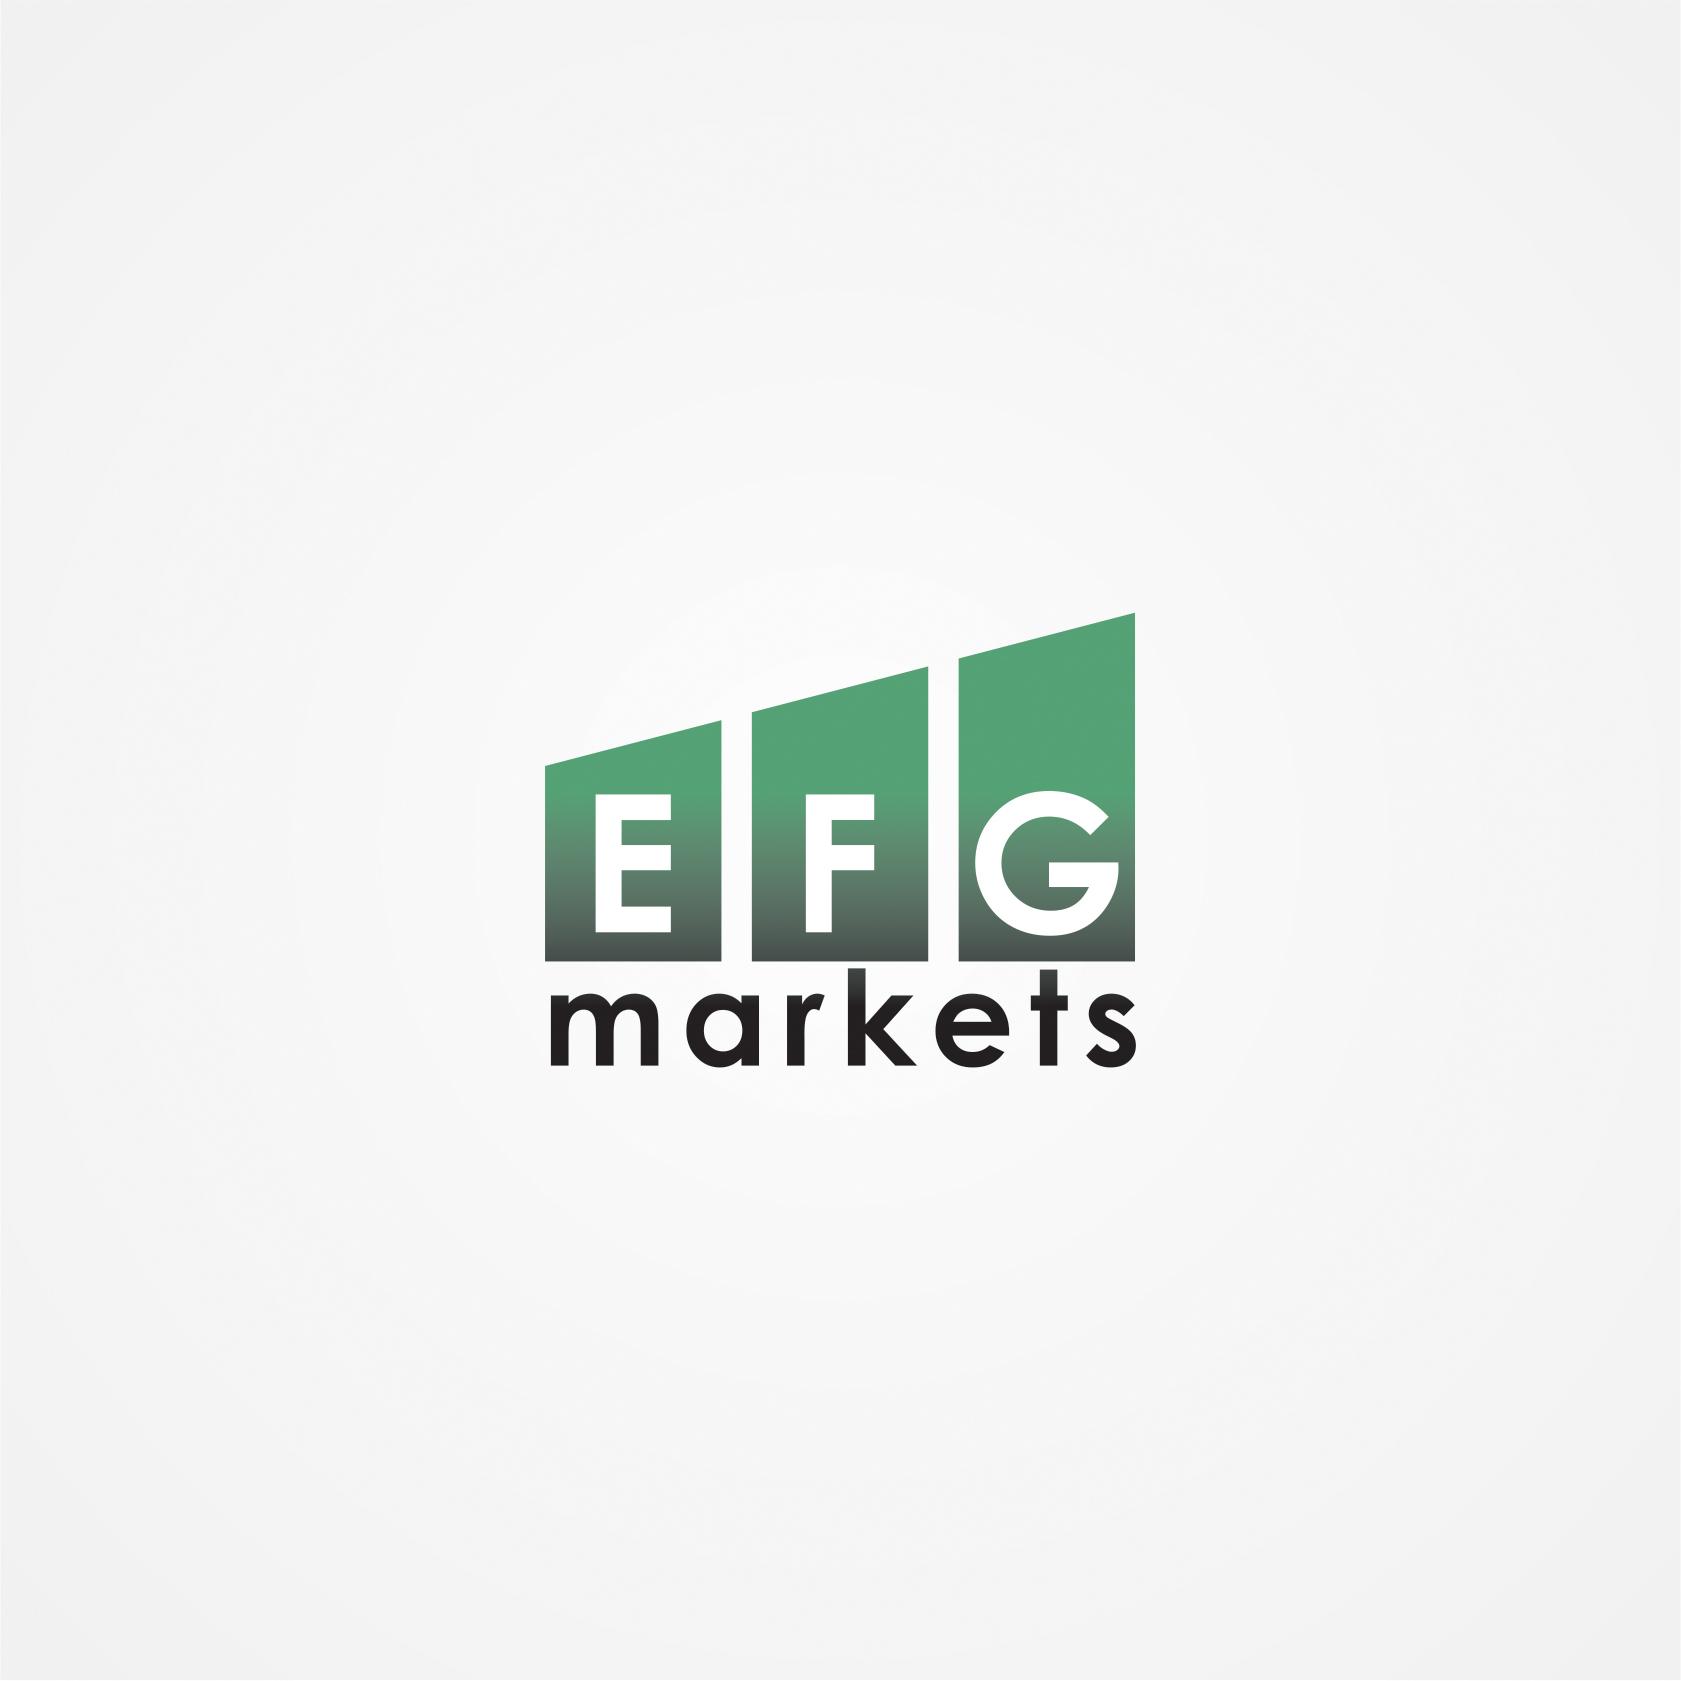 Разработка логотипа Forex компании фото f_50386ed4e1aca.jpg